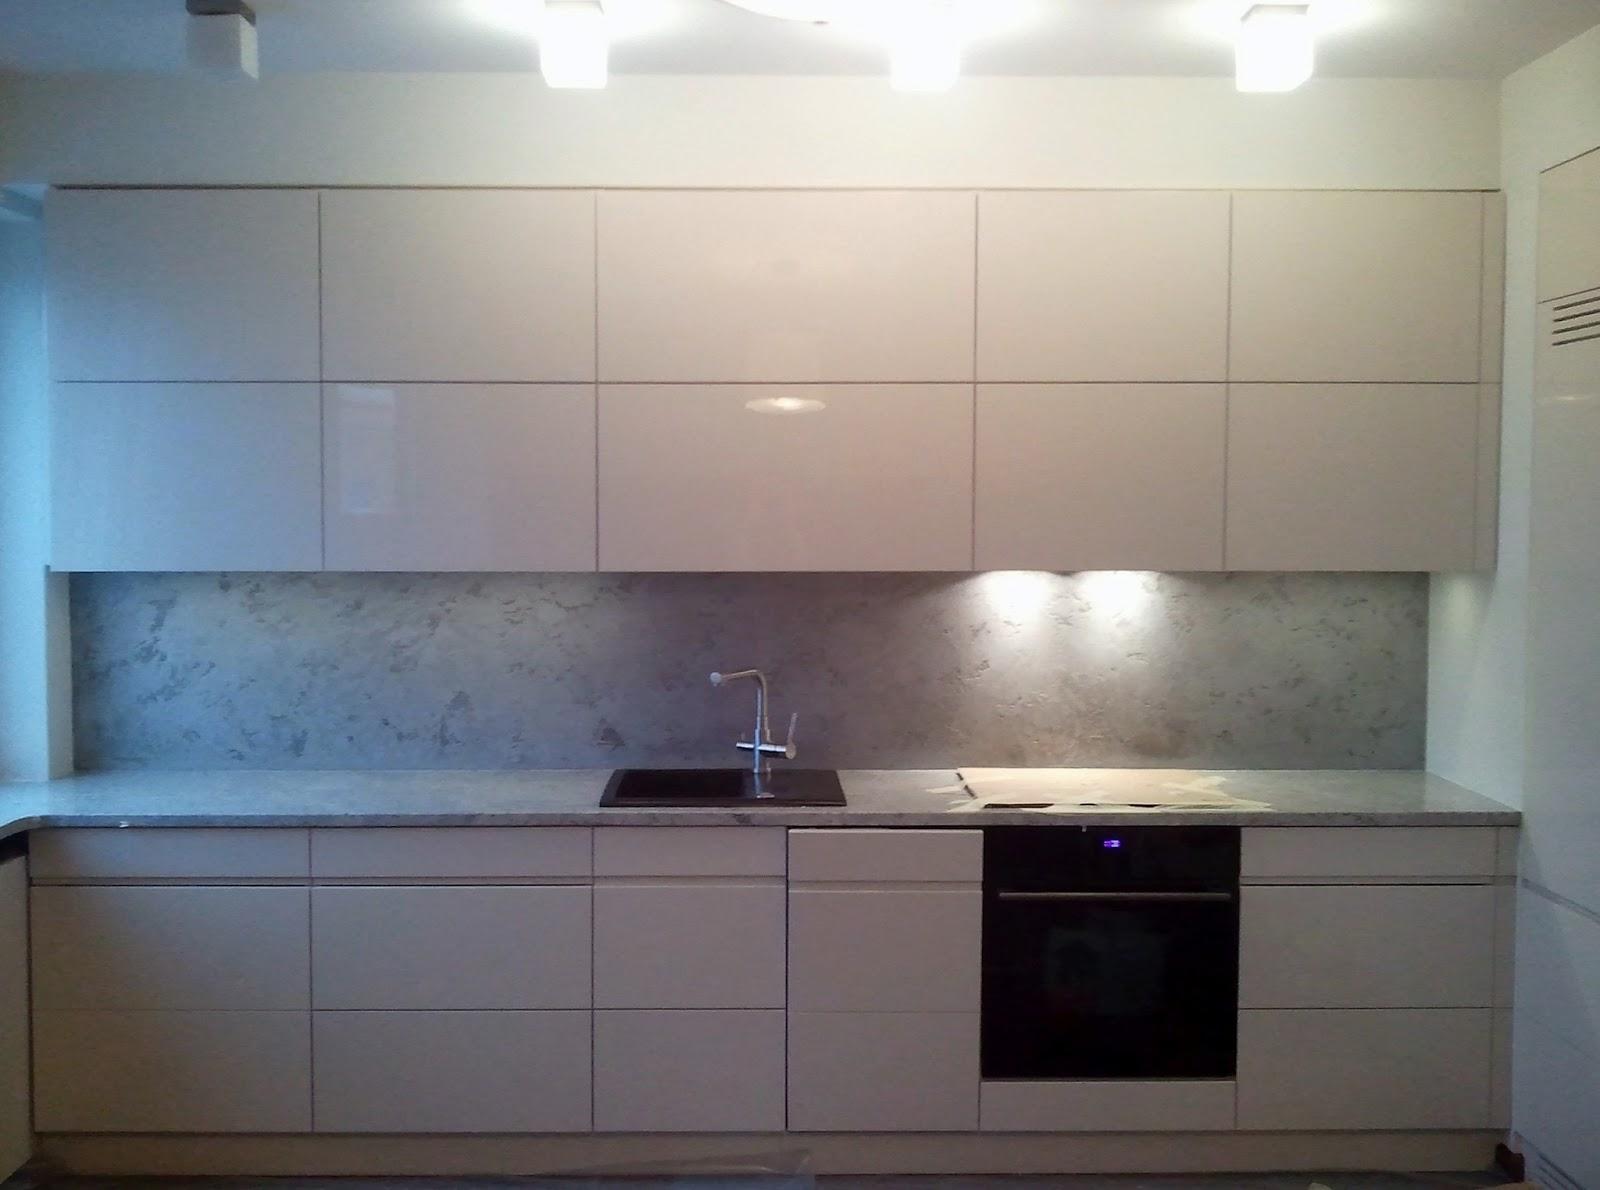 Art malarz beton architektoniczny w kuchni - Beton architektoniczny ...